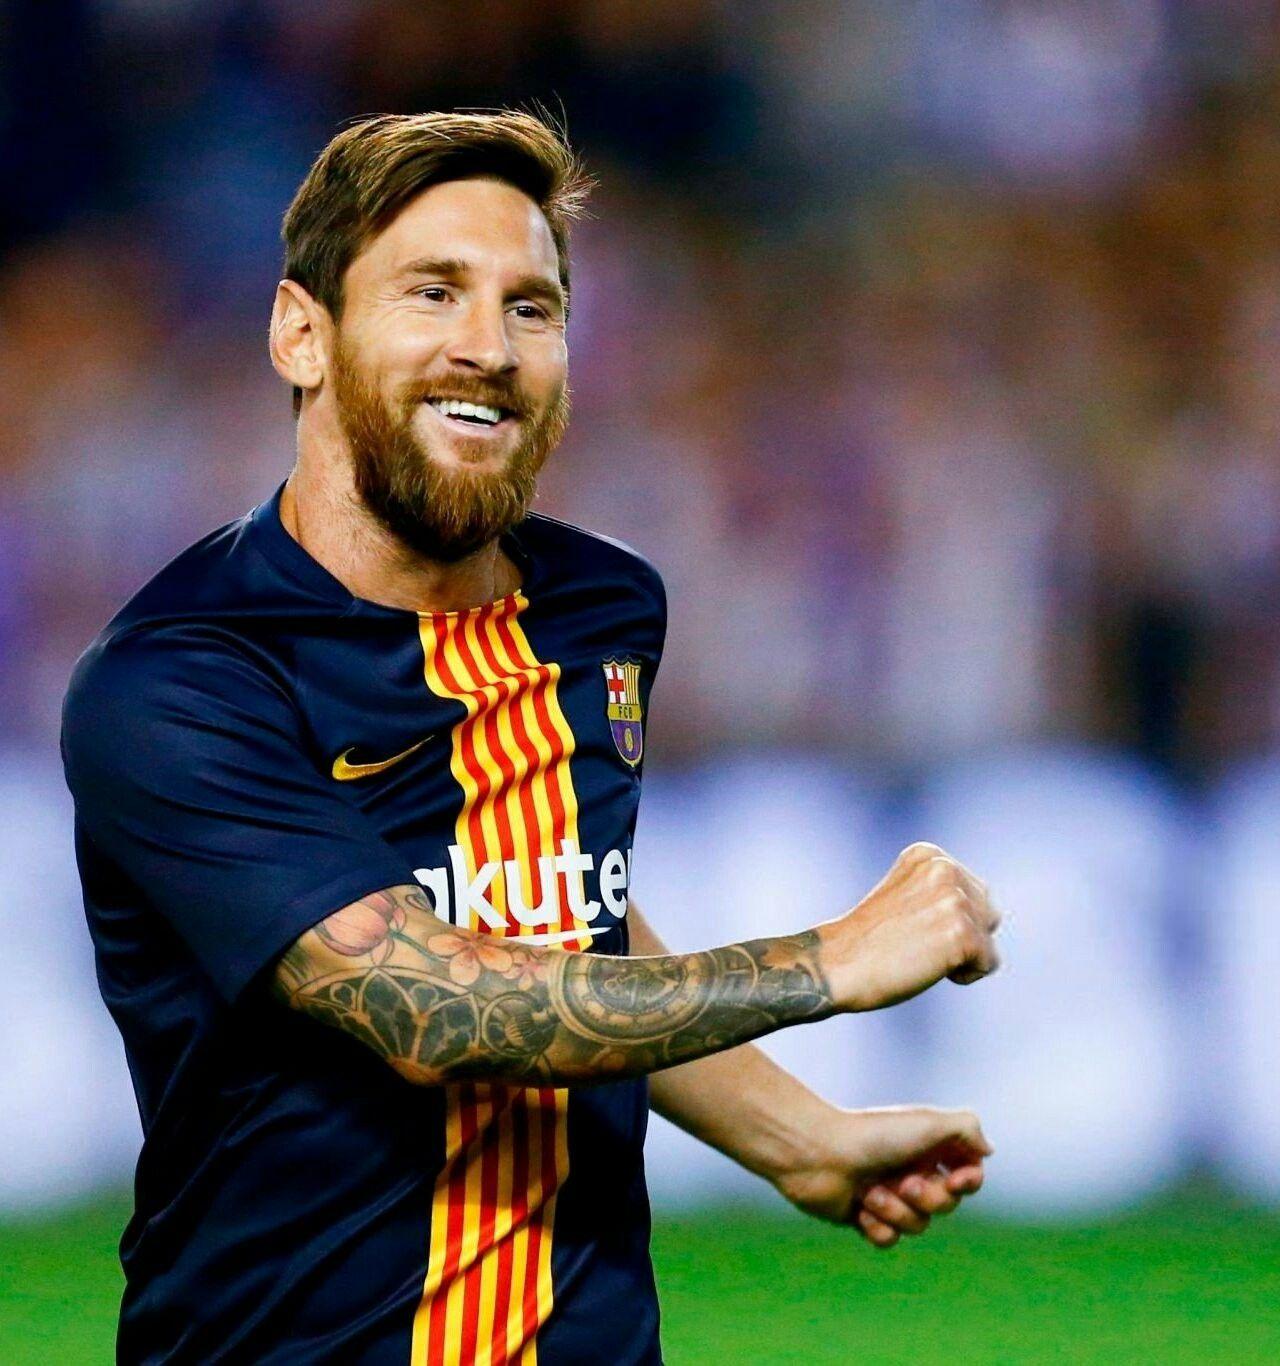 Messi 2018 19 1st match laliga Messi, Leo messi, Lionel